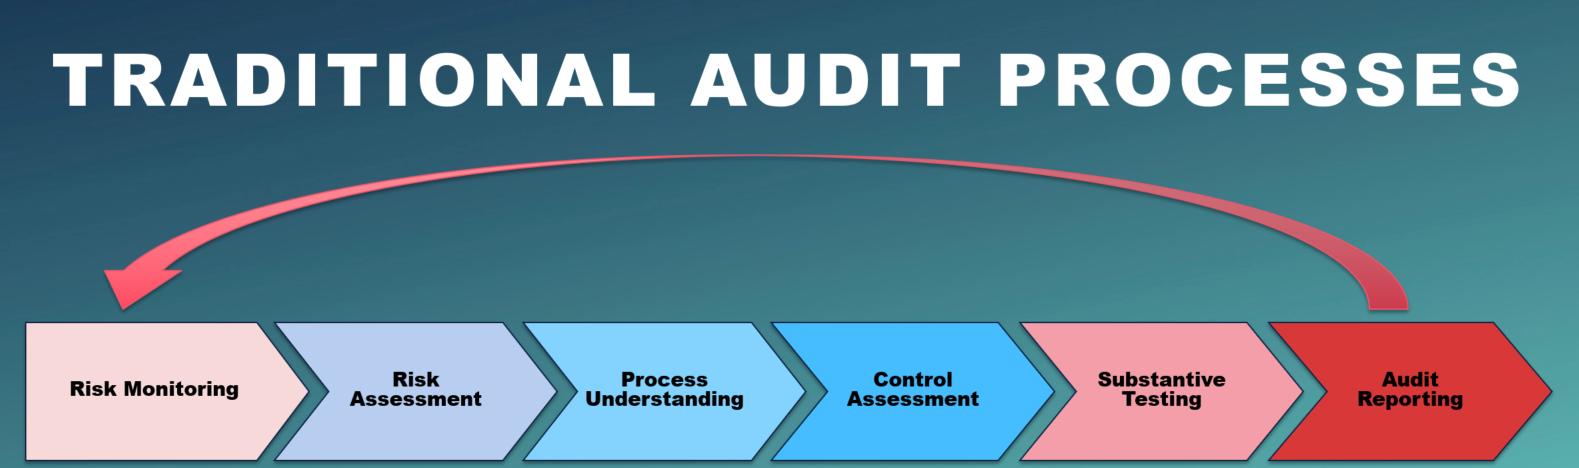 Transforming Internal Audit at Aetna - Alteryx Community